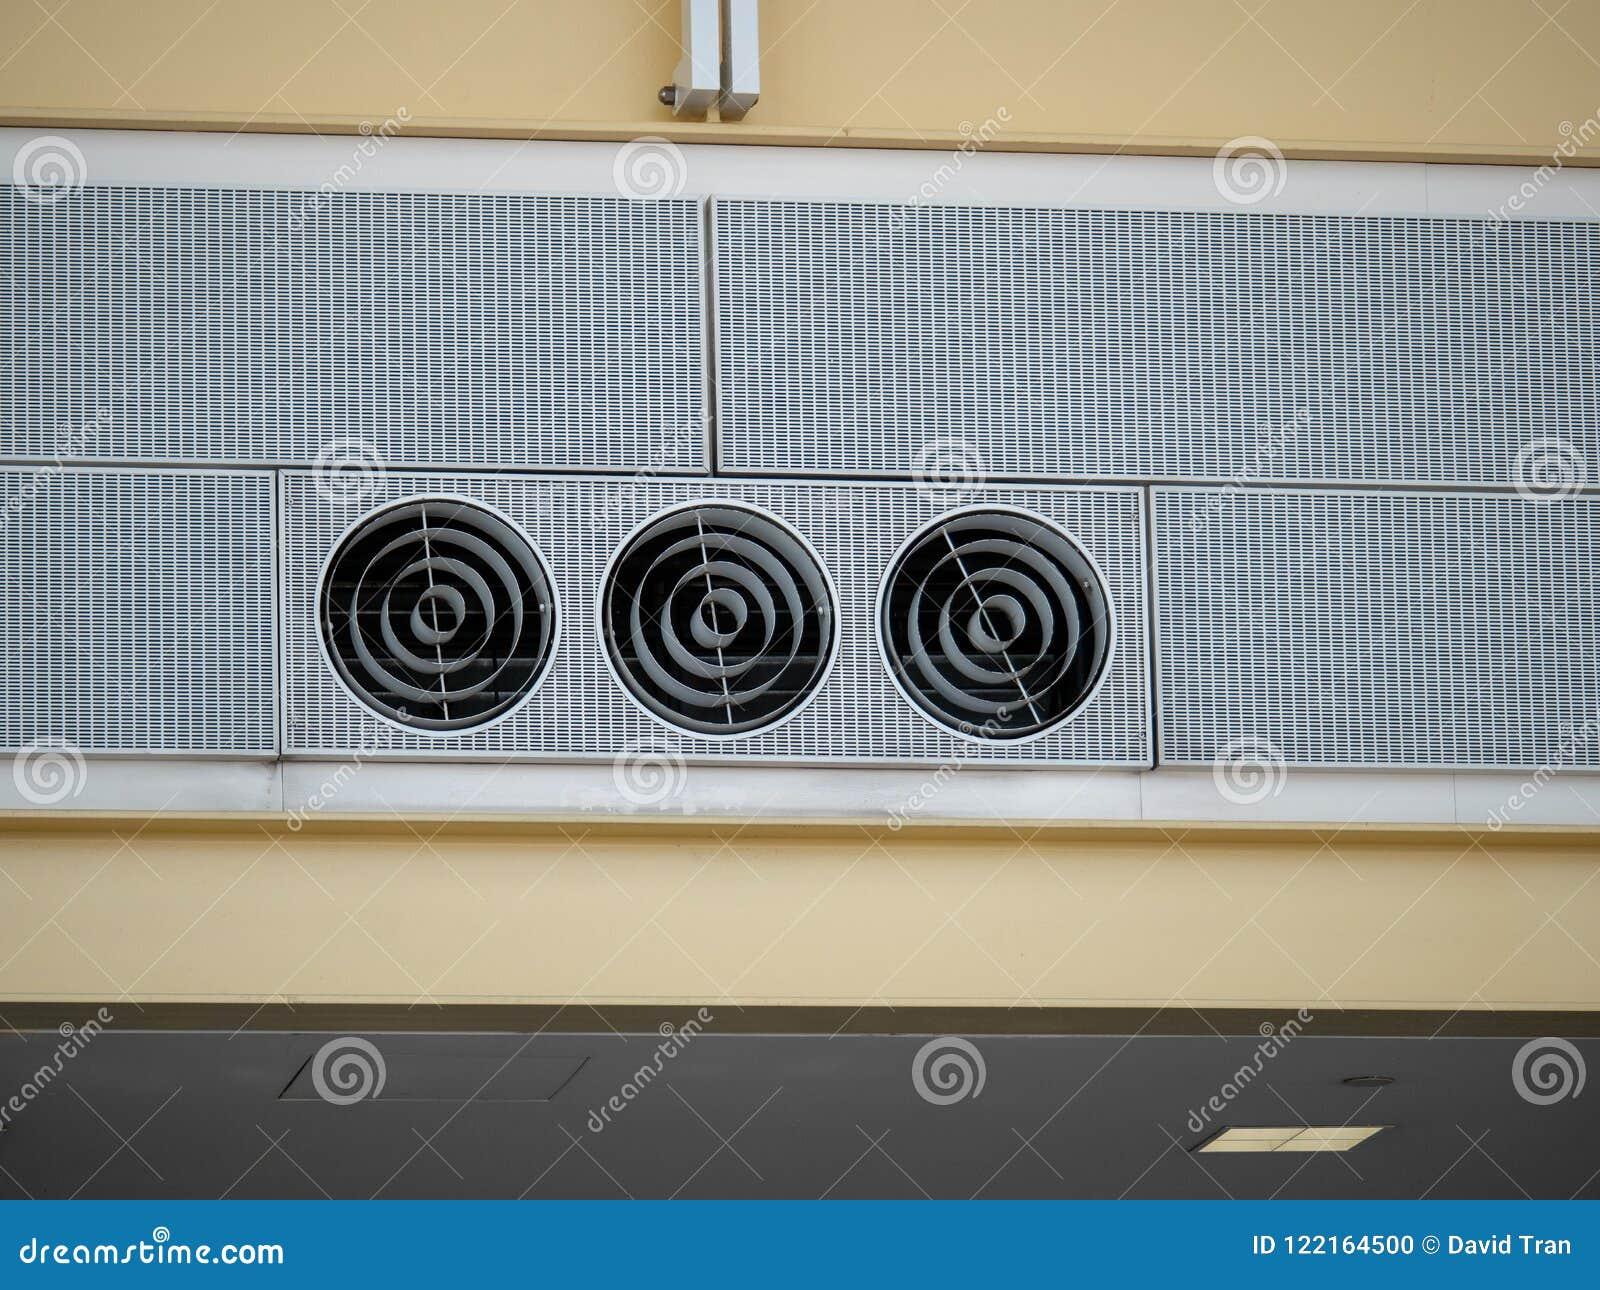 Tre kalla industriella fans för ventilationskanal sitter högt i en flygplatsinställning